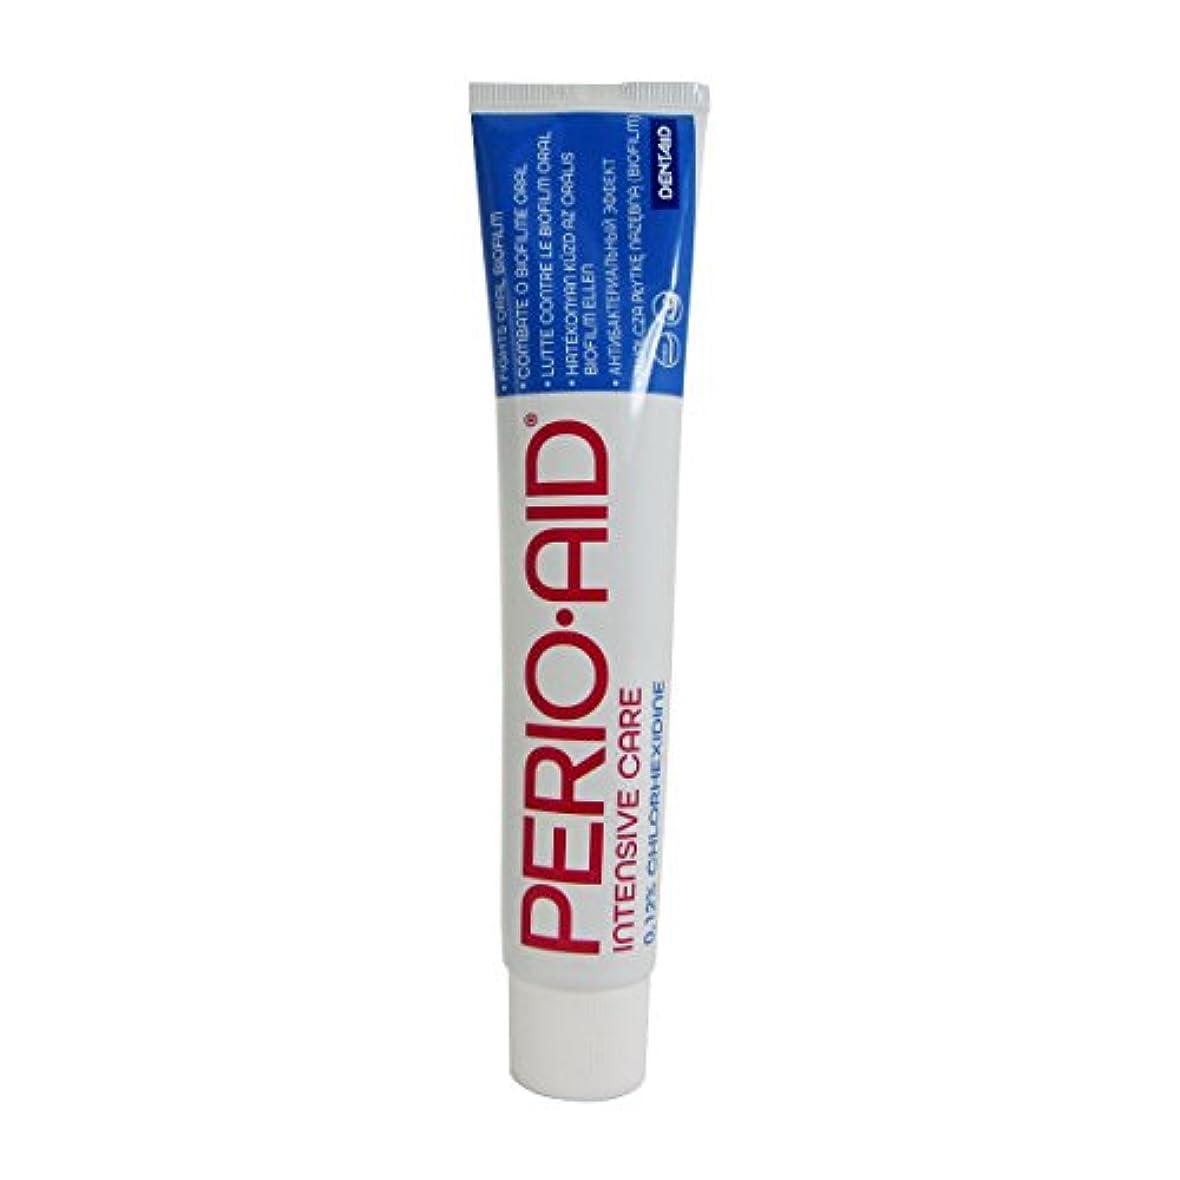 センチメートルスマイル応じるPerio-aid Treatment Gel Toothpaste 75ml [並行輸入品]